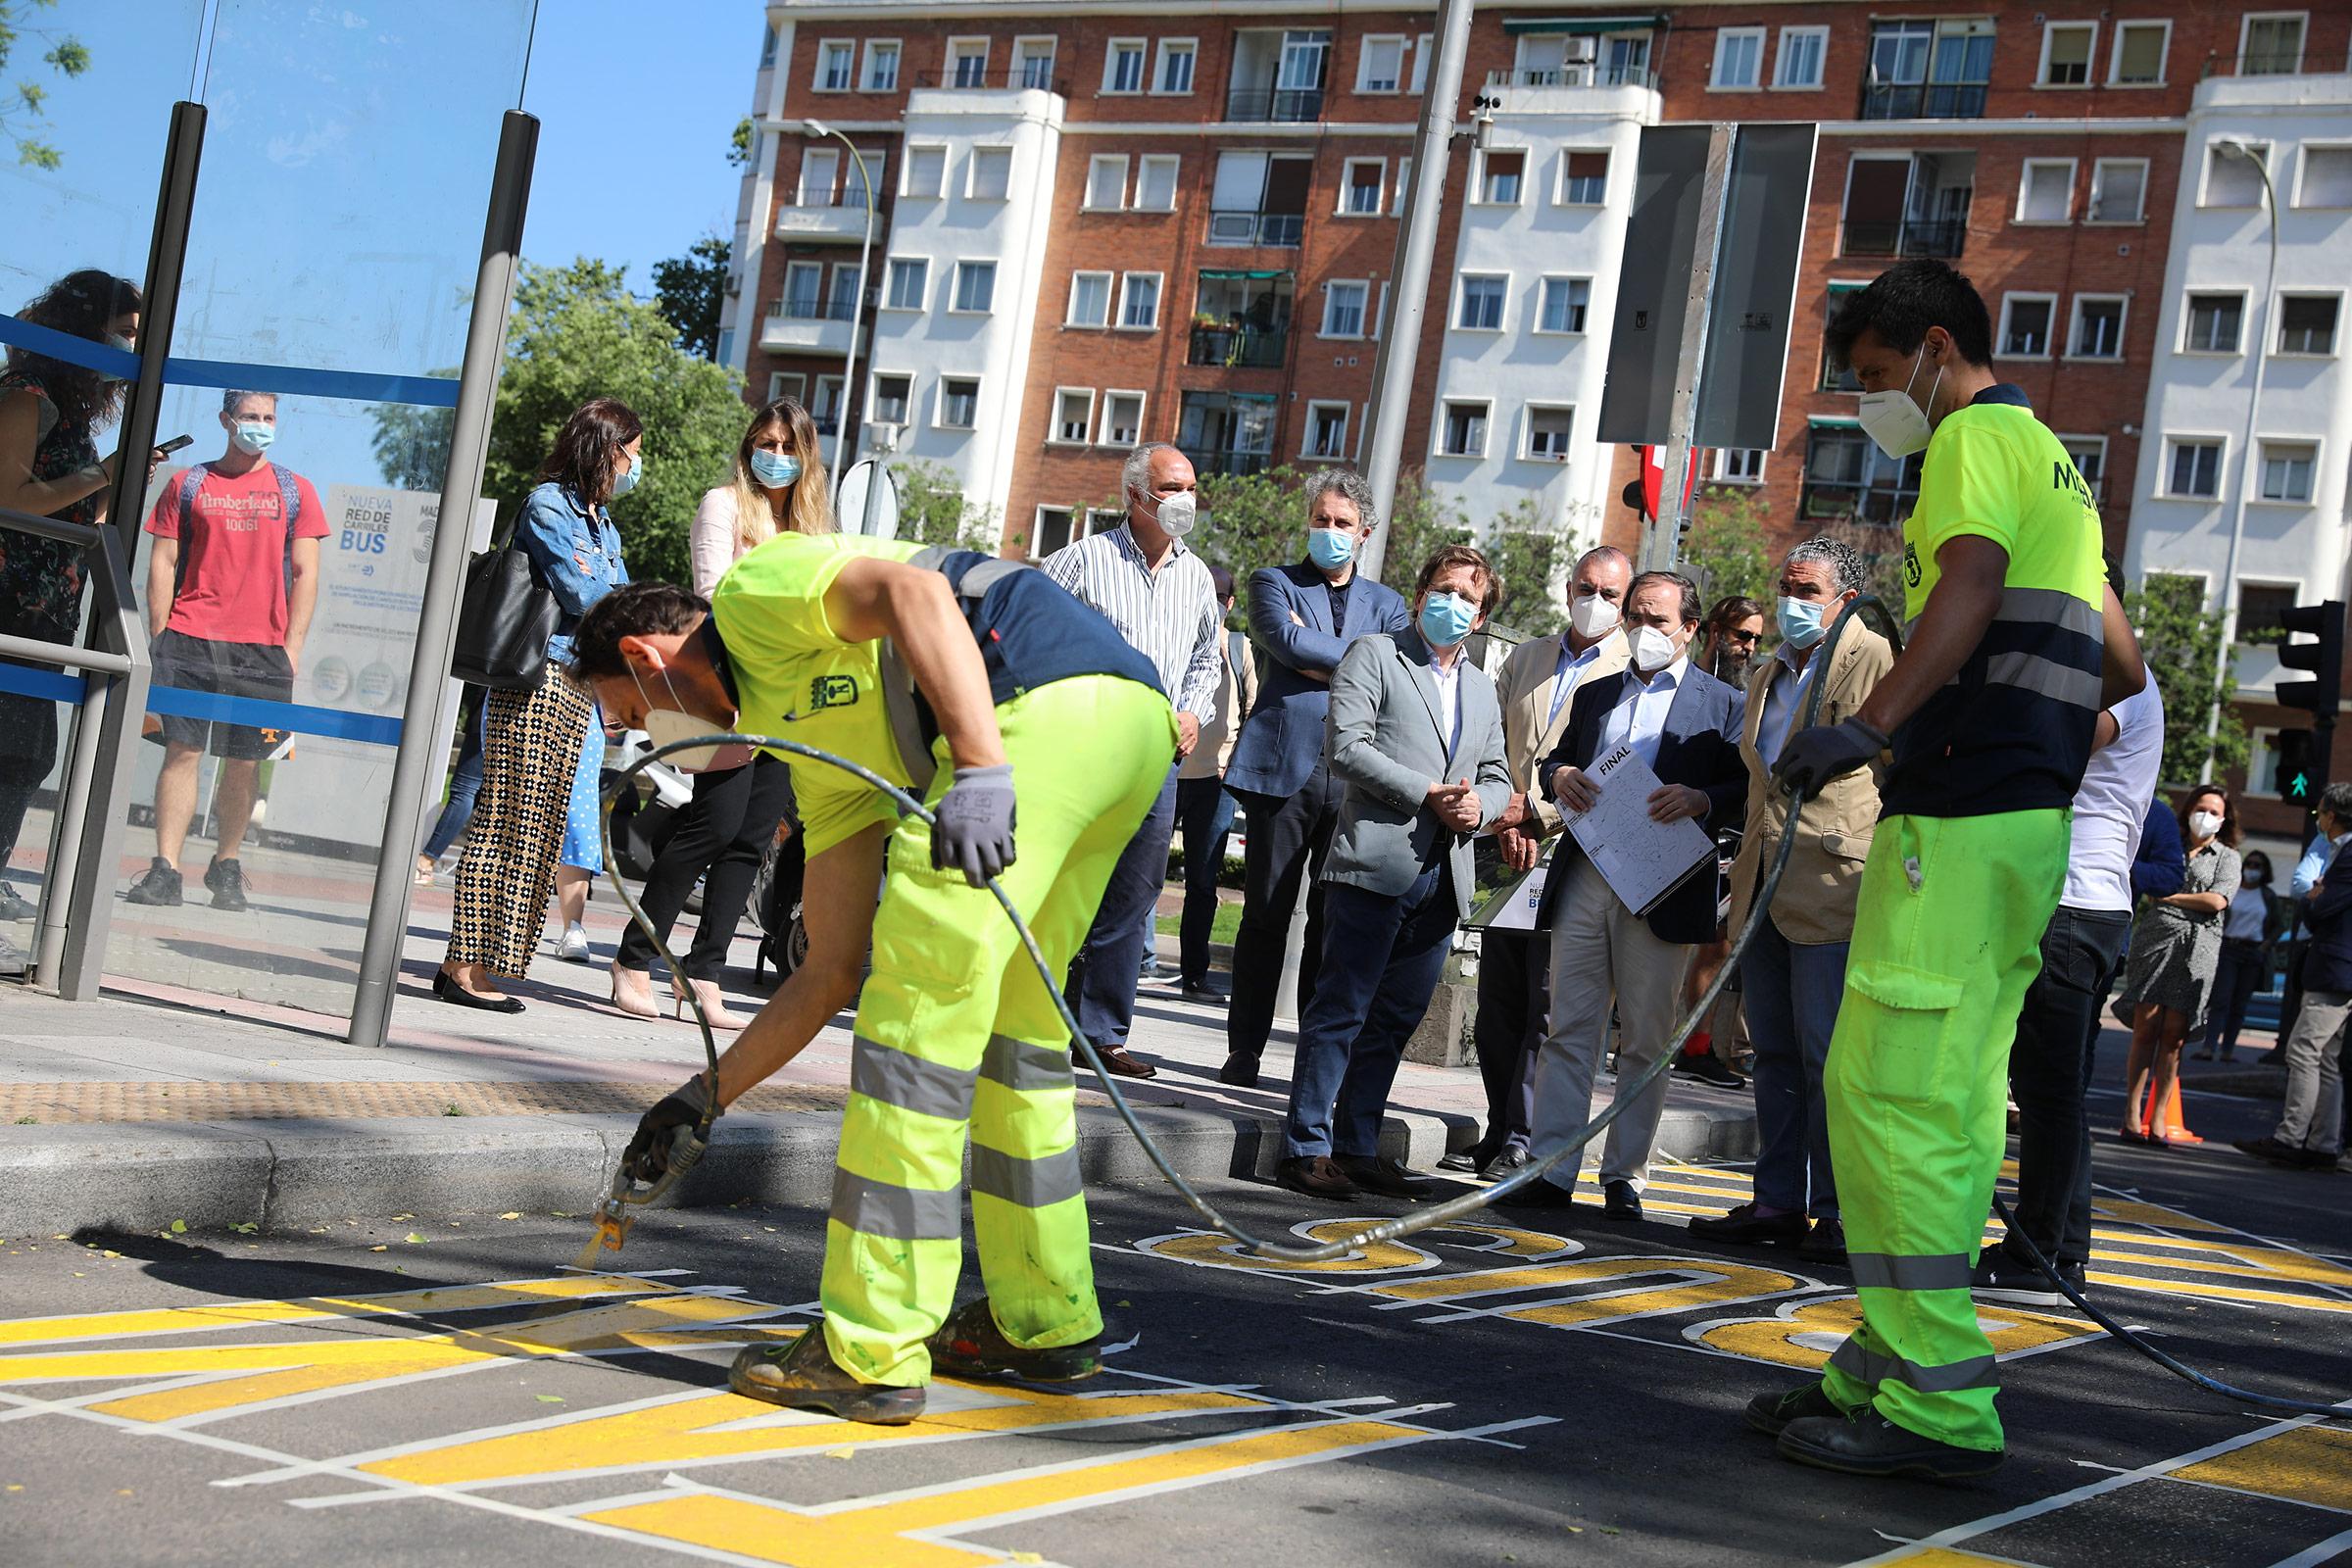 Con el incremento de kilómetros de carriles bus se pretende facilitar la circulación de los autobuses y mejorar su frecuencia de paso